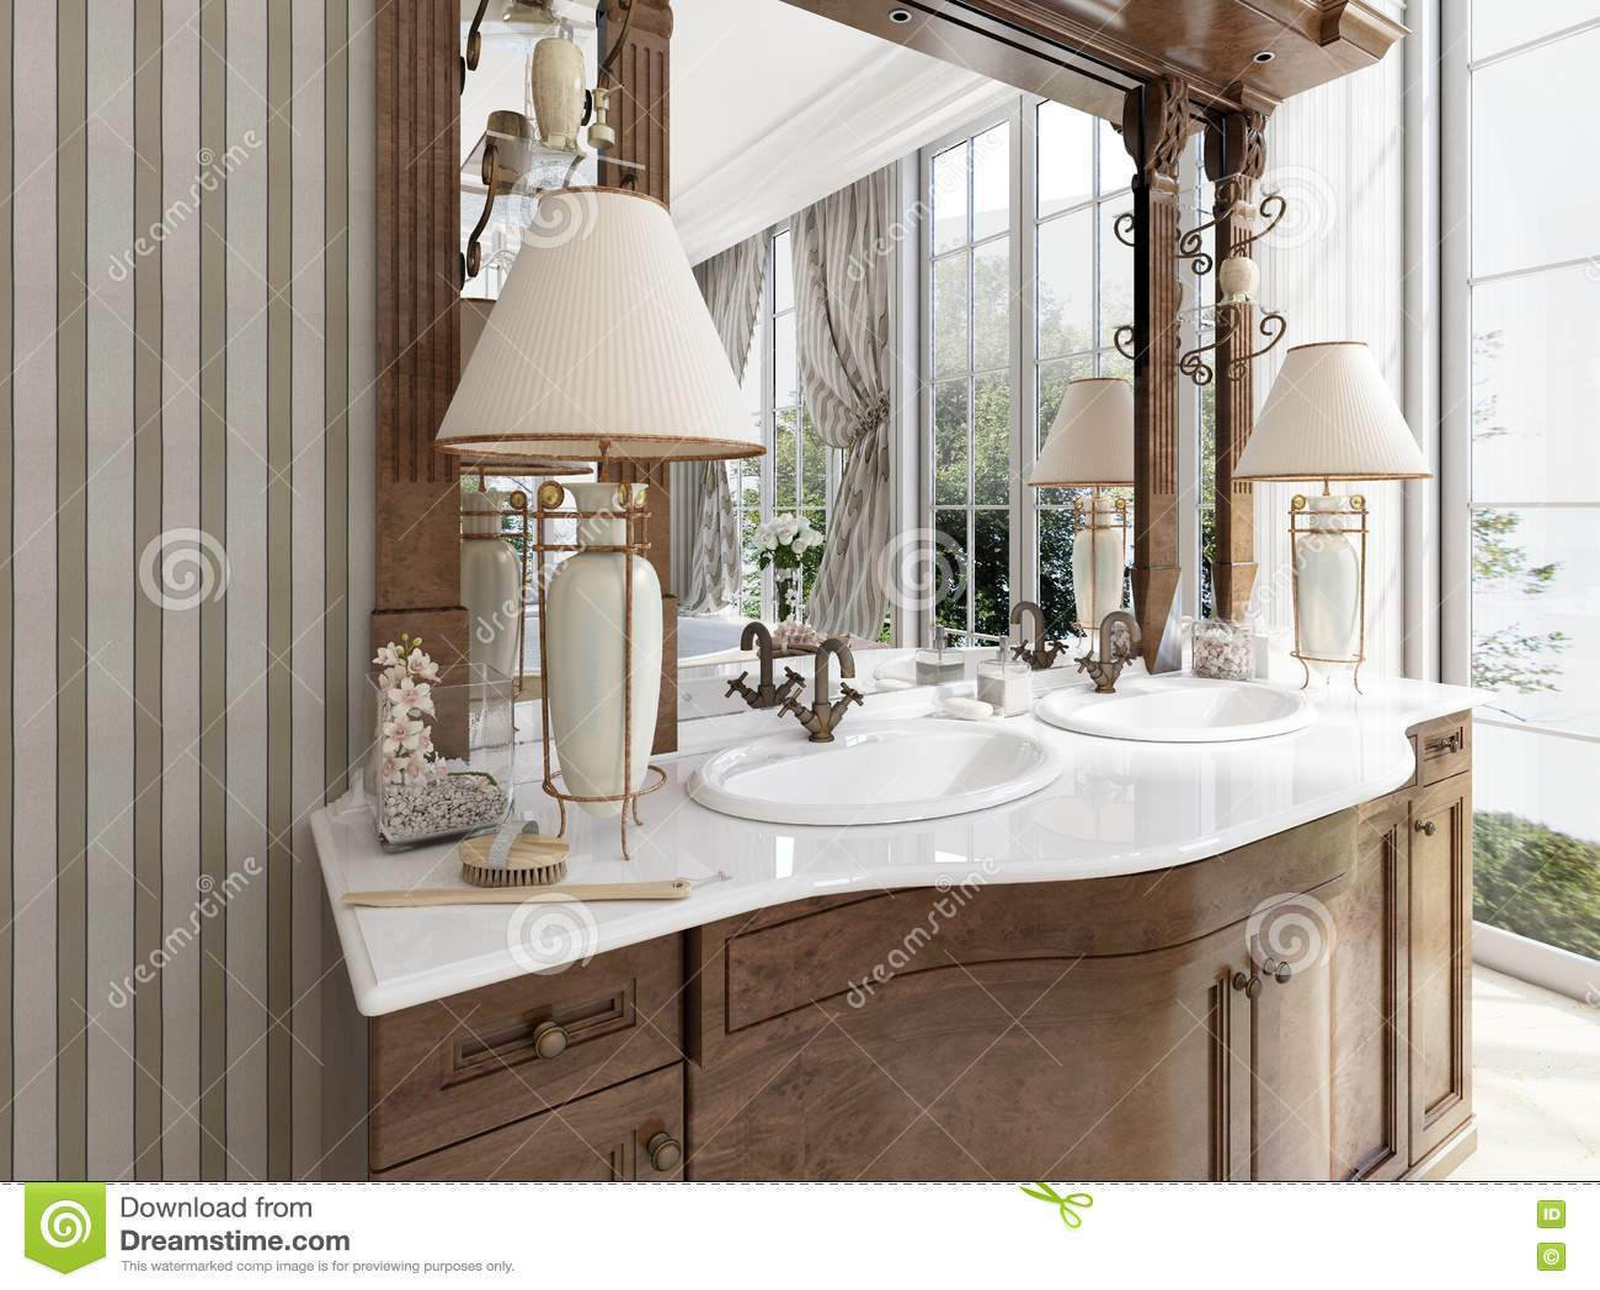 Meubles néoclassiques de luxe dans le style moderne dans la salle de bains